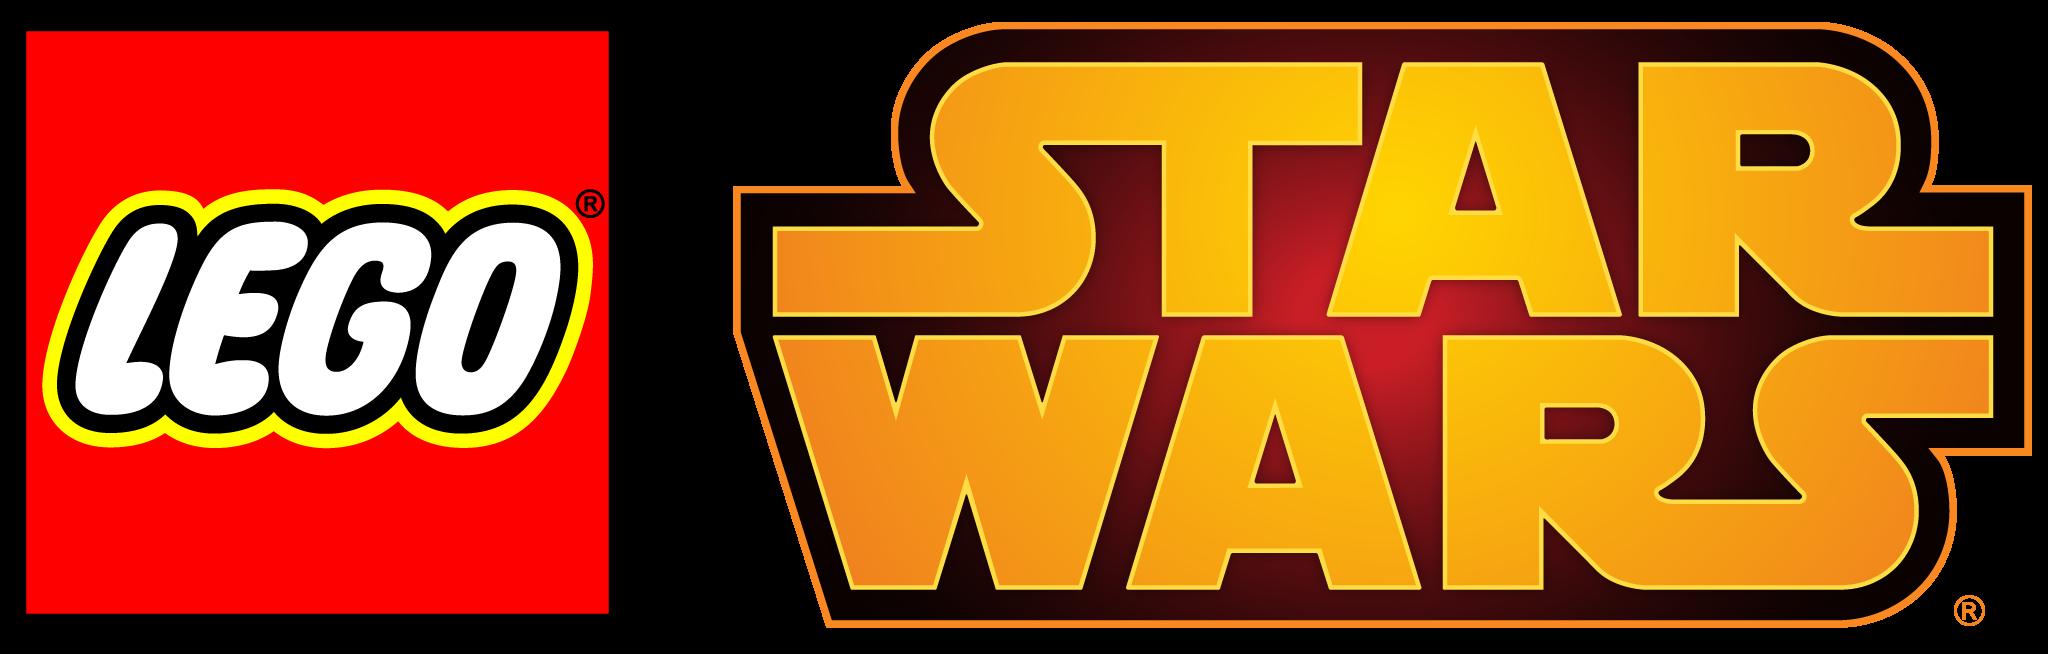 LEGO_Star_Wars_Blue_Logo